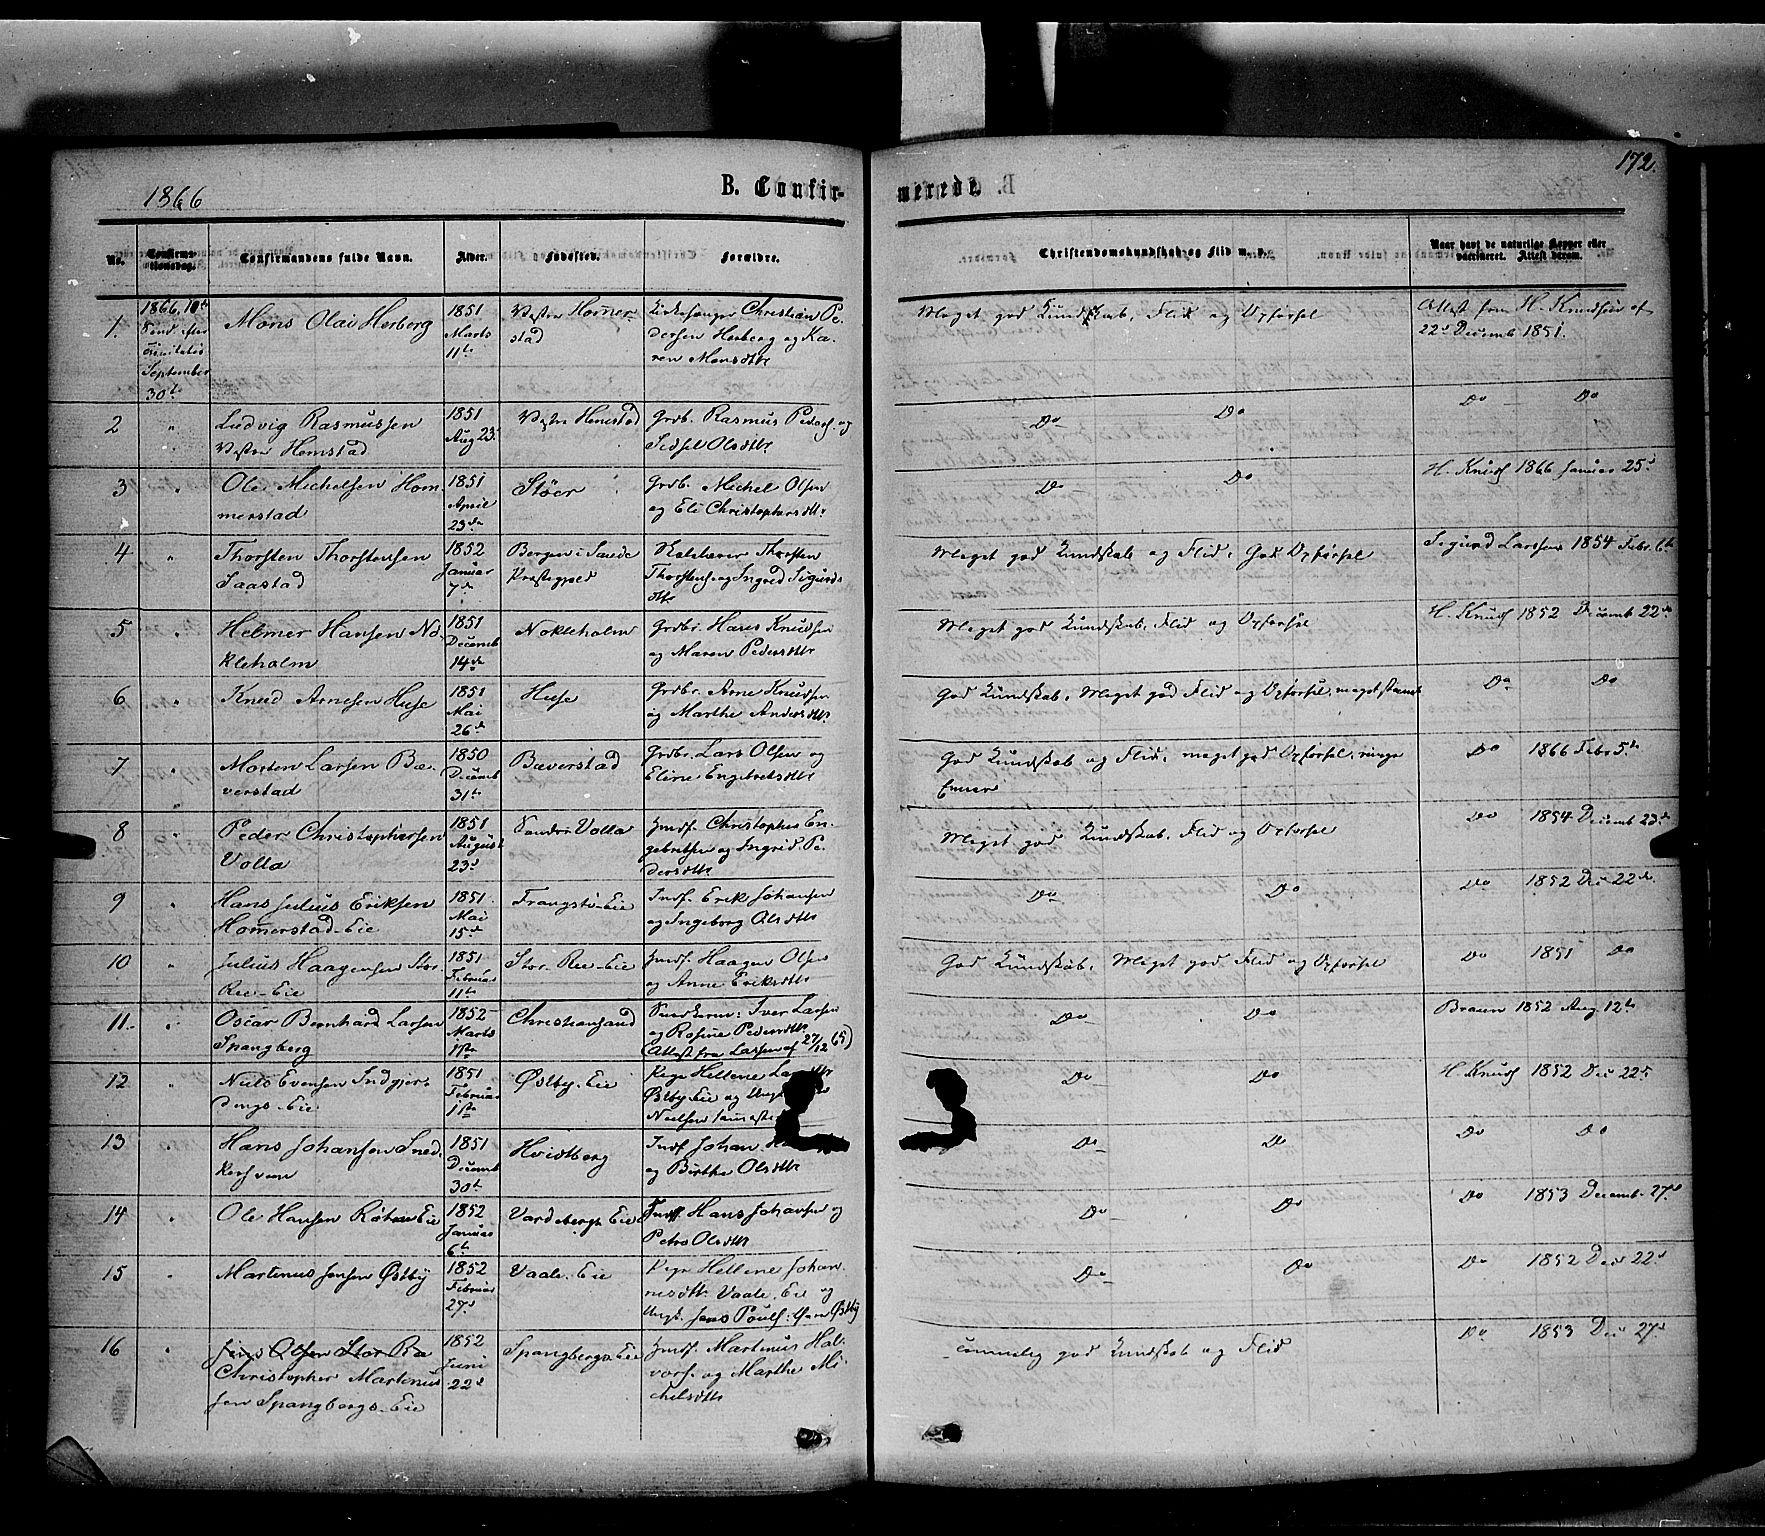 SAH, Stange prestekontor, K/L0013: Parish register (official) no. 13, 1862-1879, p. 172